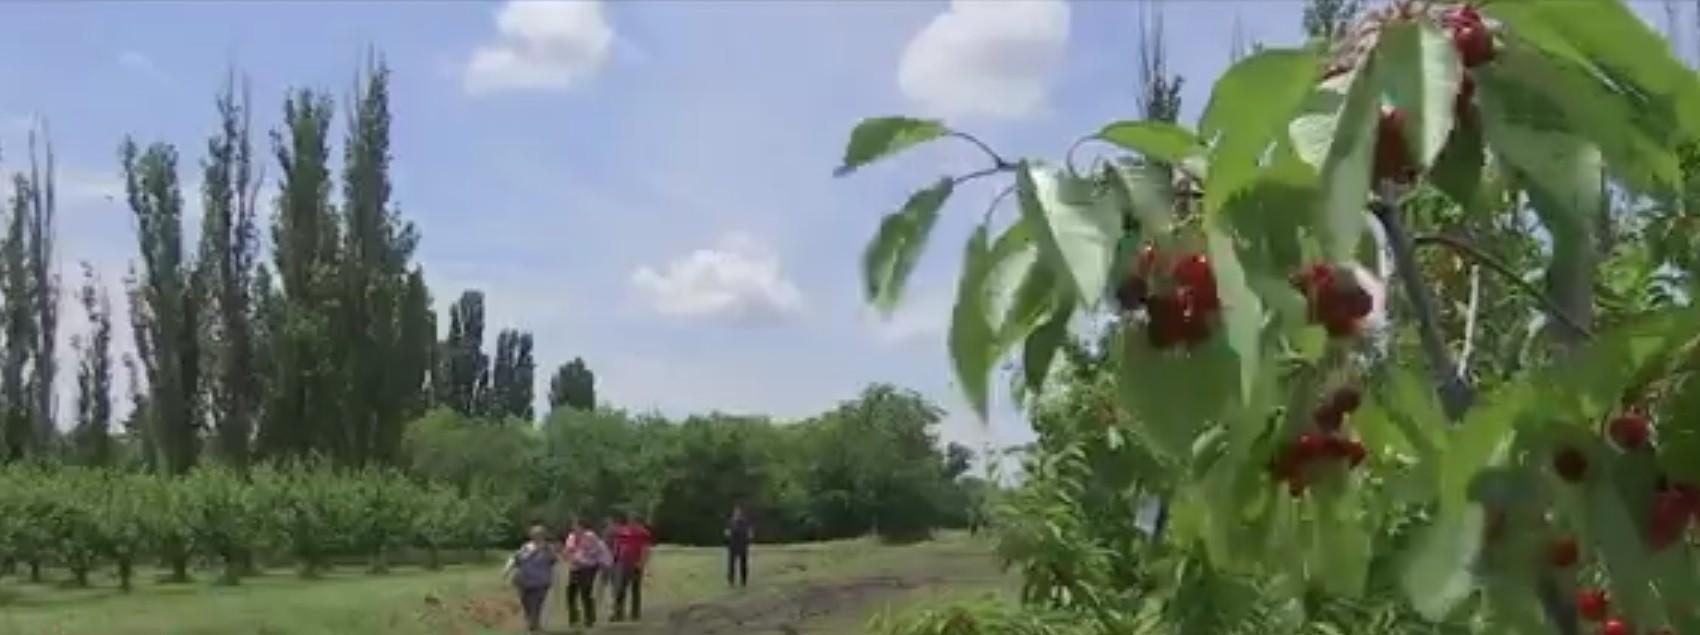 Concurs inedit la Sărbătoarea Cireşelor de la Istriţa. Staţiunea produce fructe de peste 120 de ani, iar cireşele ajung în toate colţurile lumii